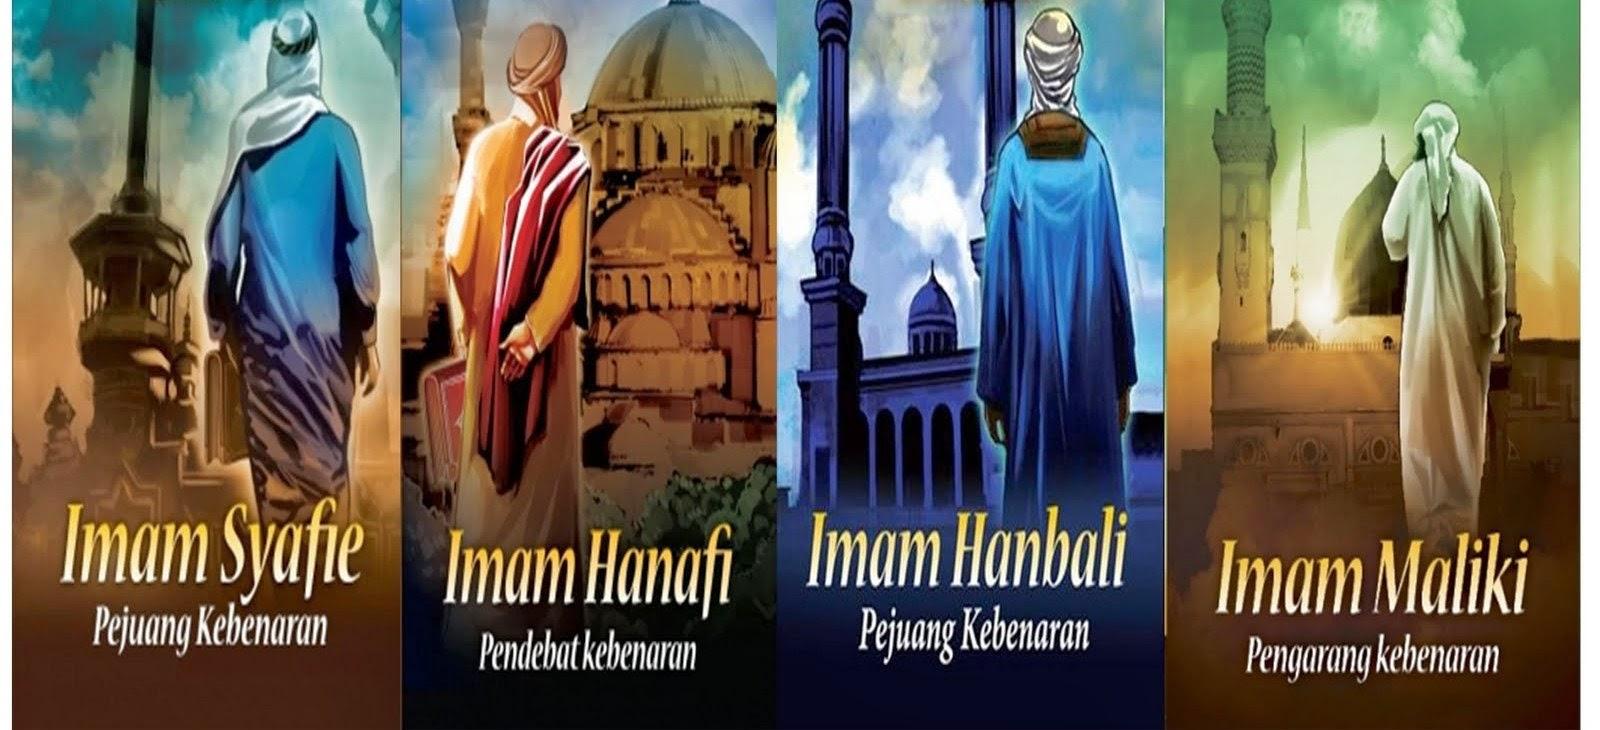 [Islam] Sekilas Tentang Empat Madzhab